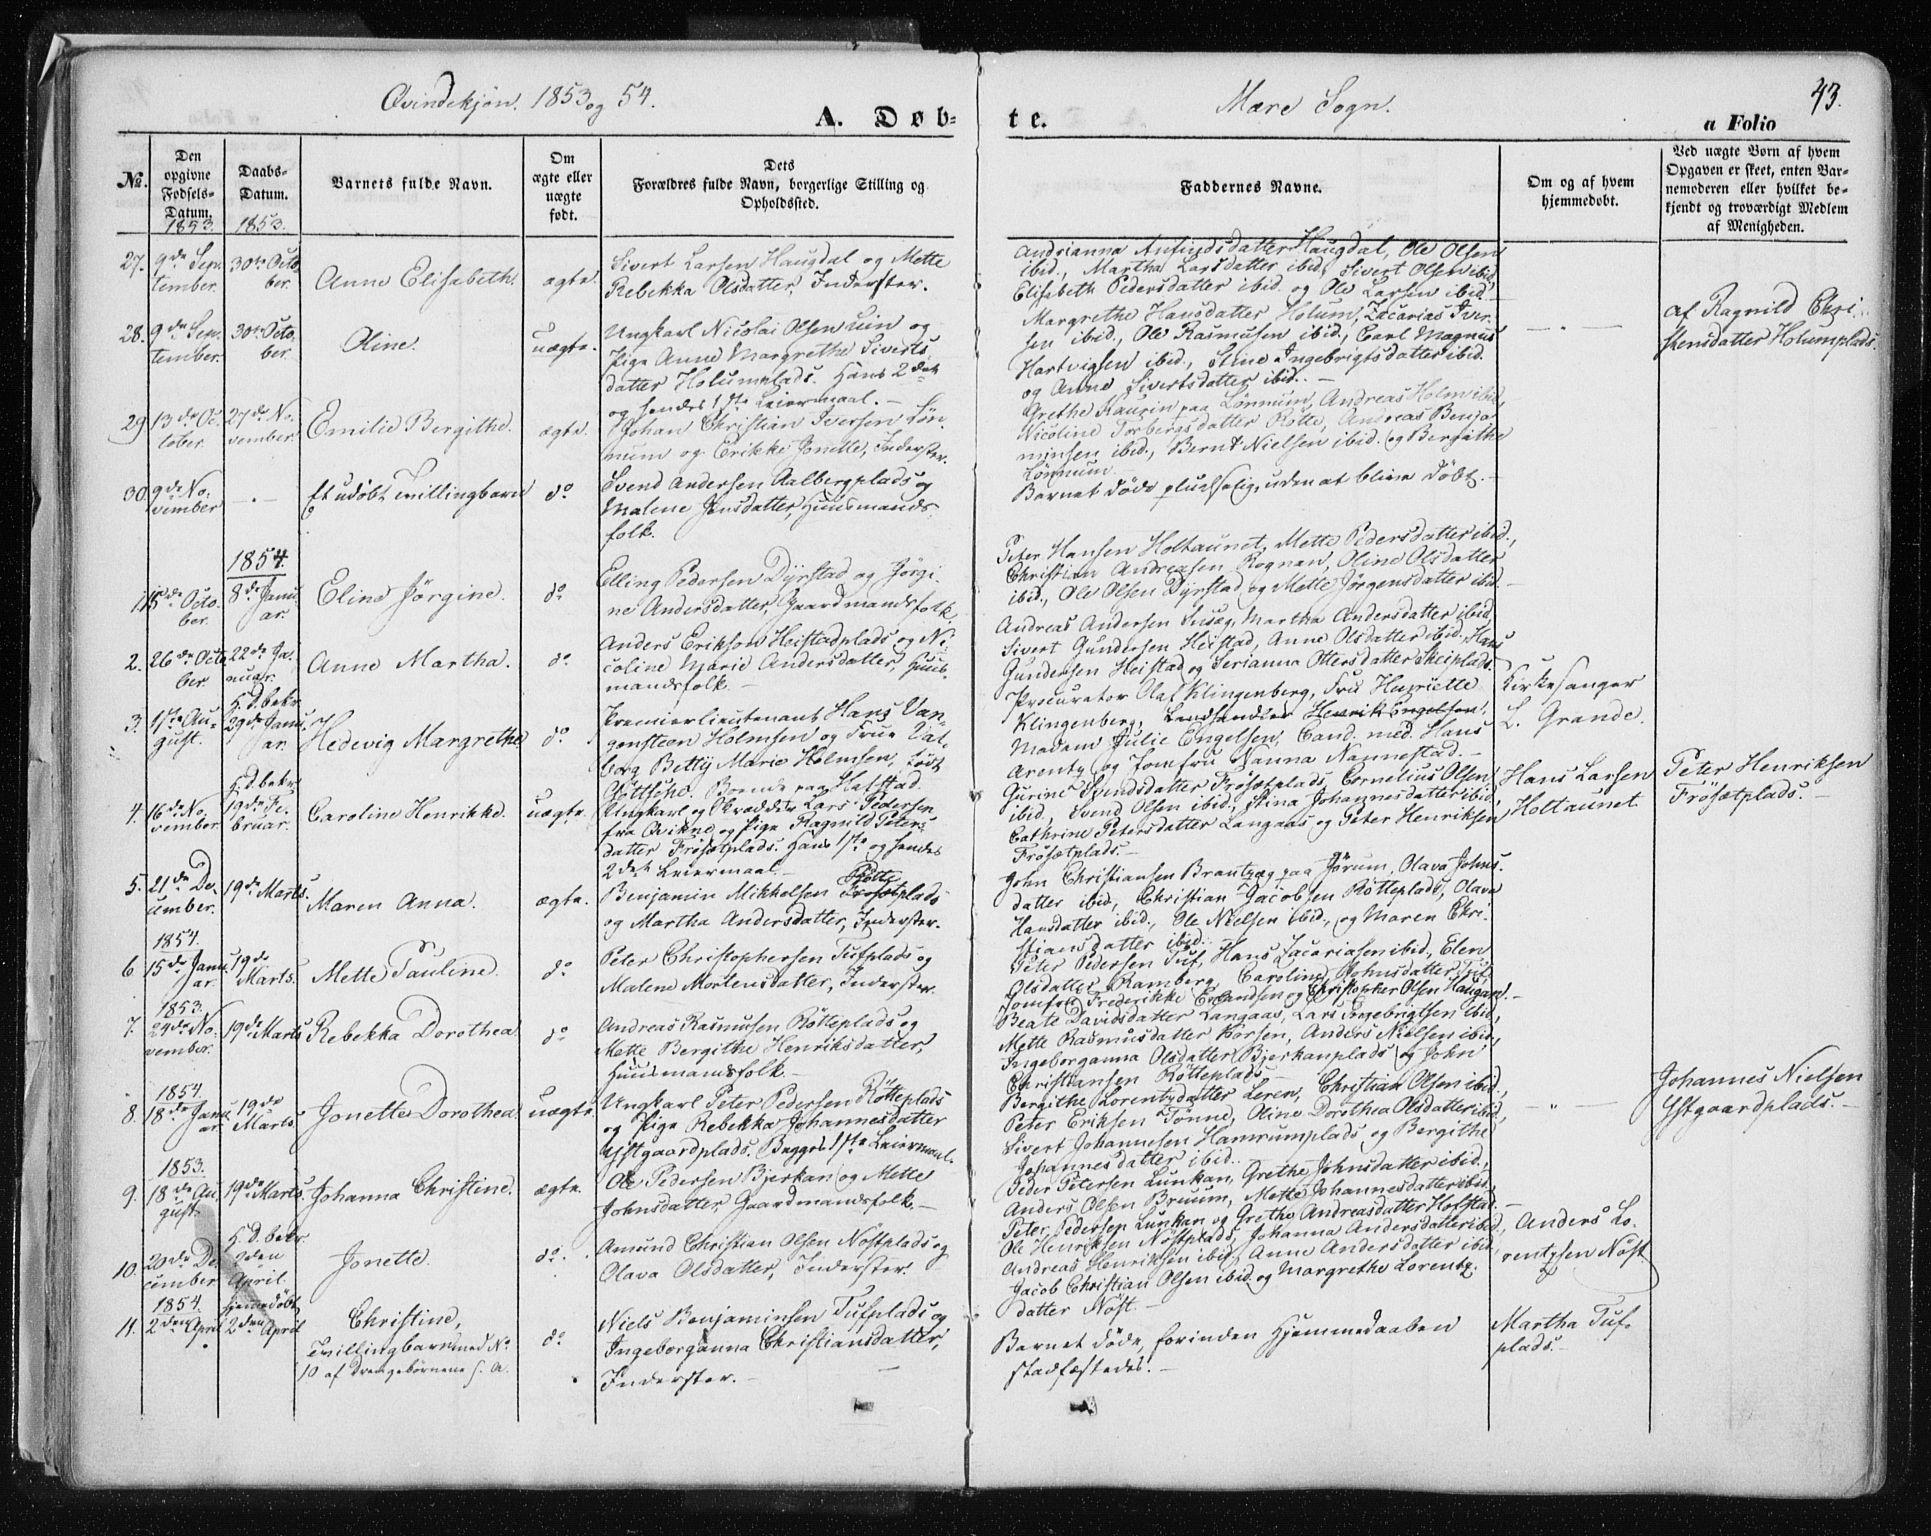 SAT, Ministerialprotokoller, klokkerbøker og fødselsregistre - Nord-Trøndelag, 735/L0342: Ministerialbok nr. 735A07 /1, 1849-1862, s. 43